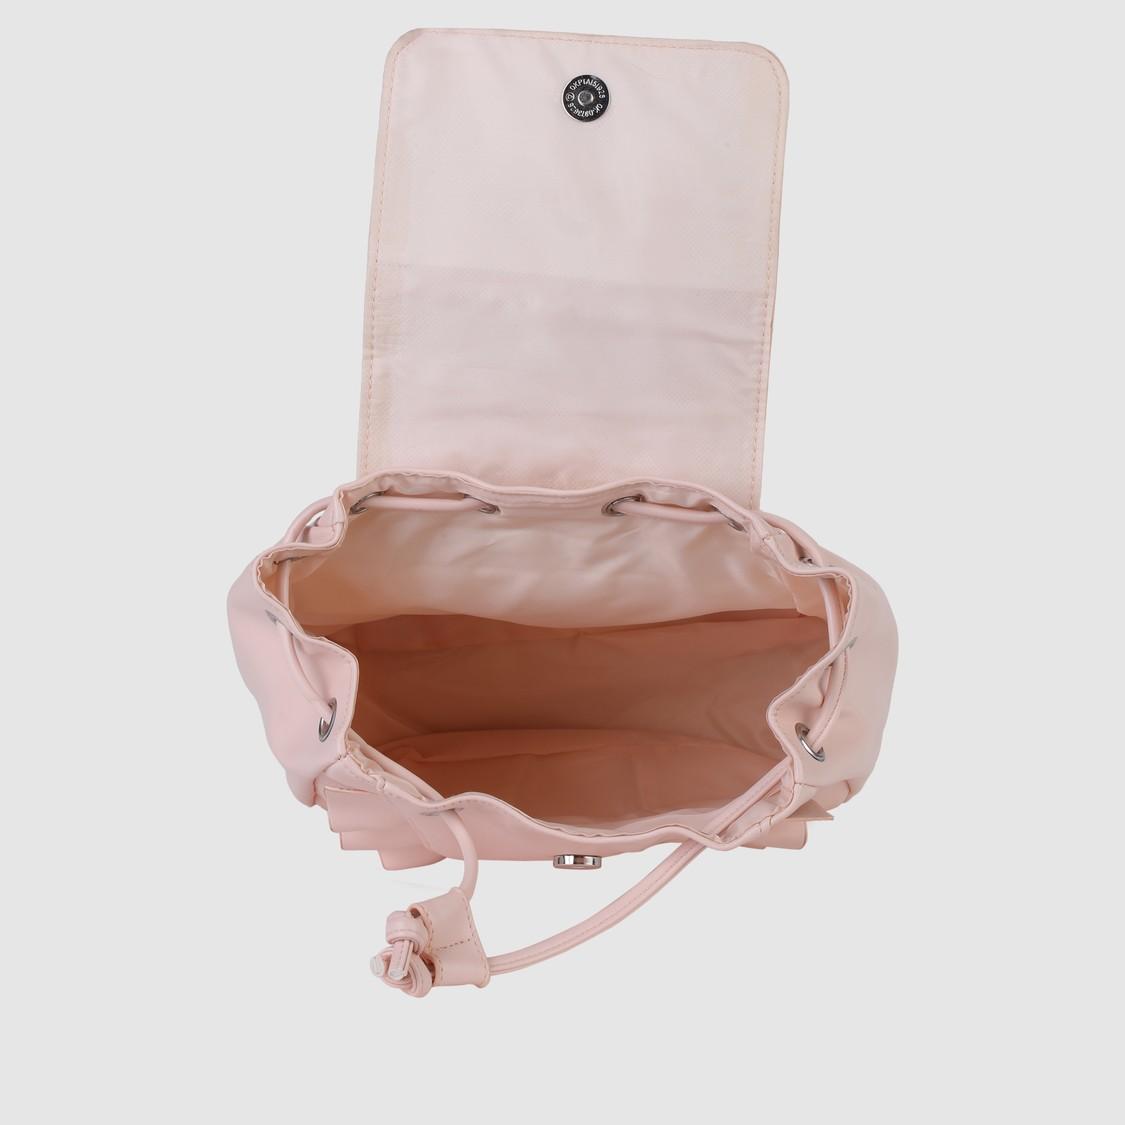 حقيبة ظهر بطيَّة ورباط للإغلاق مع كشكش